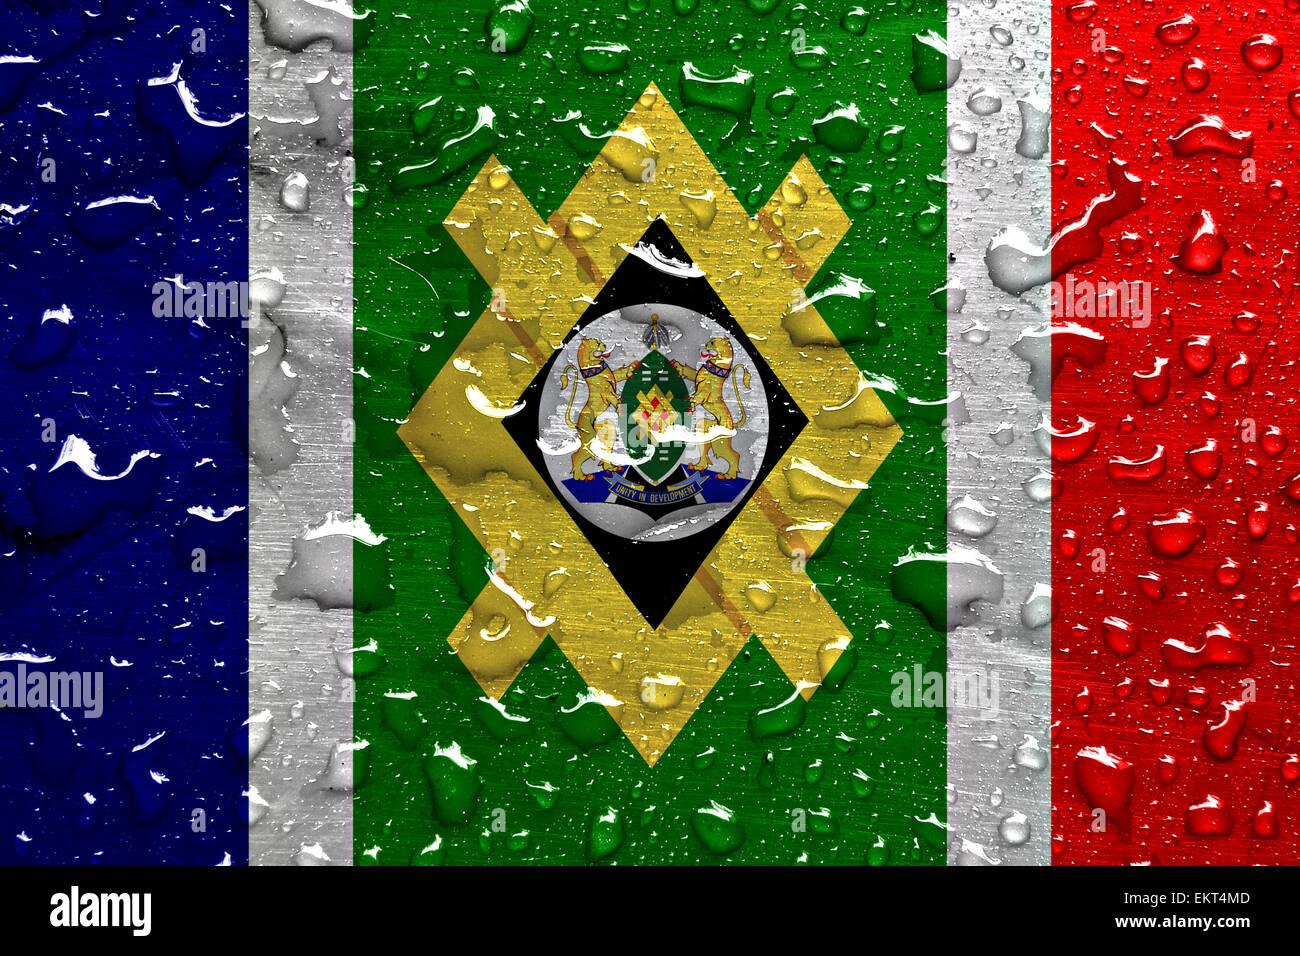 Bandiera di Johannesburg con gocce di pioggia Immagini Stock